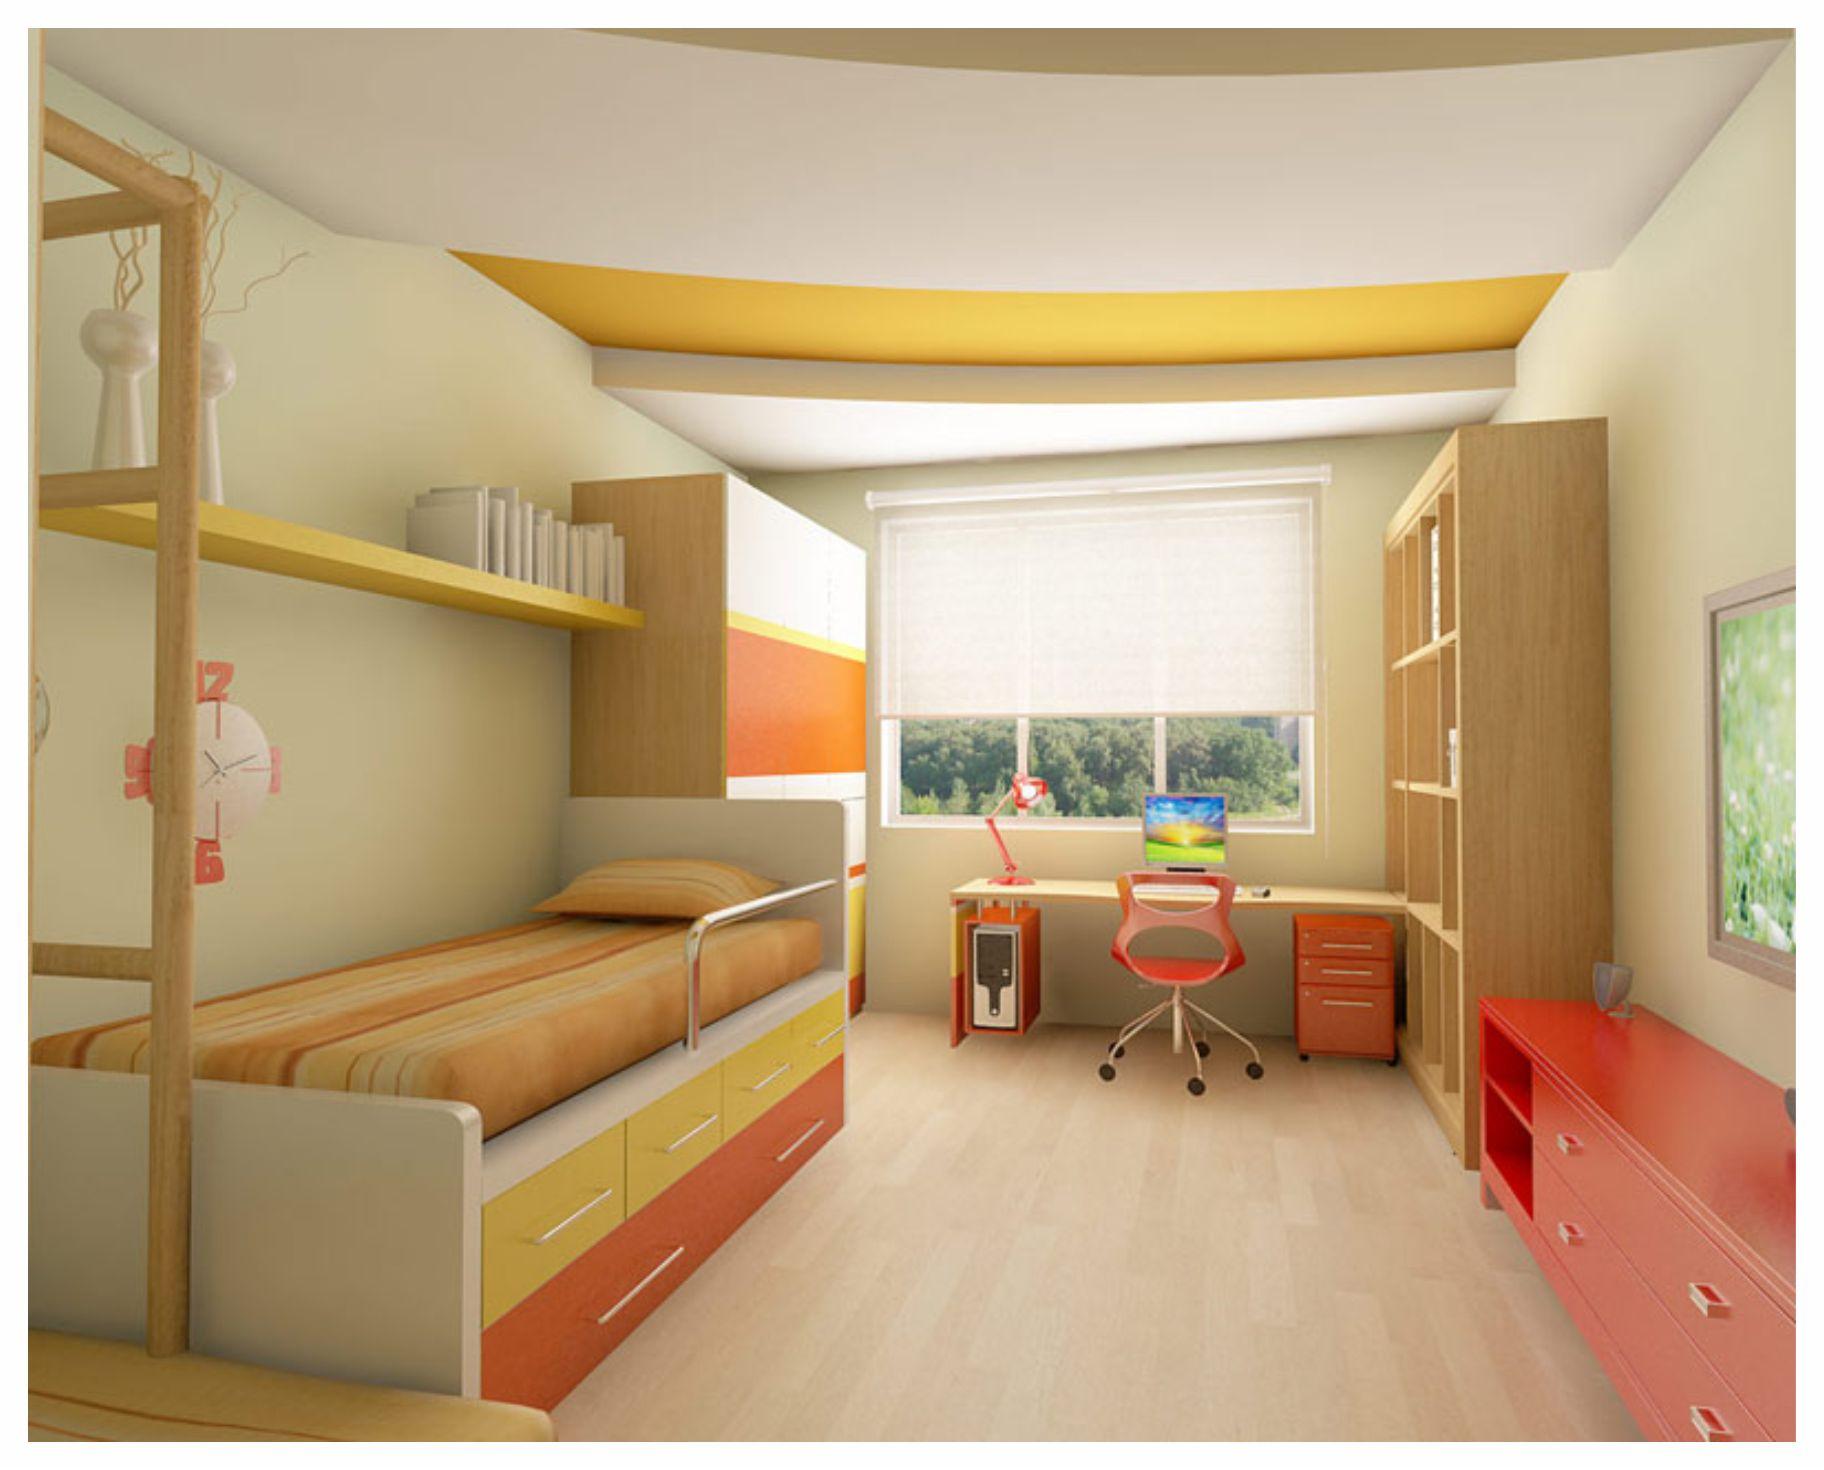 красивый натяжной потолок из пвх пленки в игровой комнате